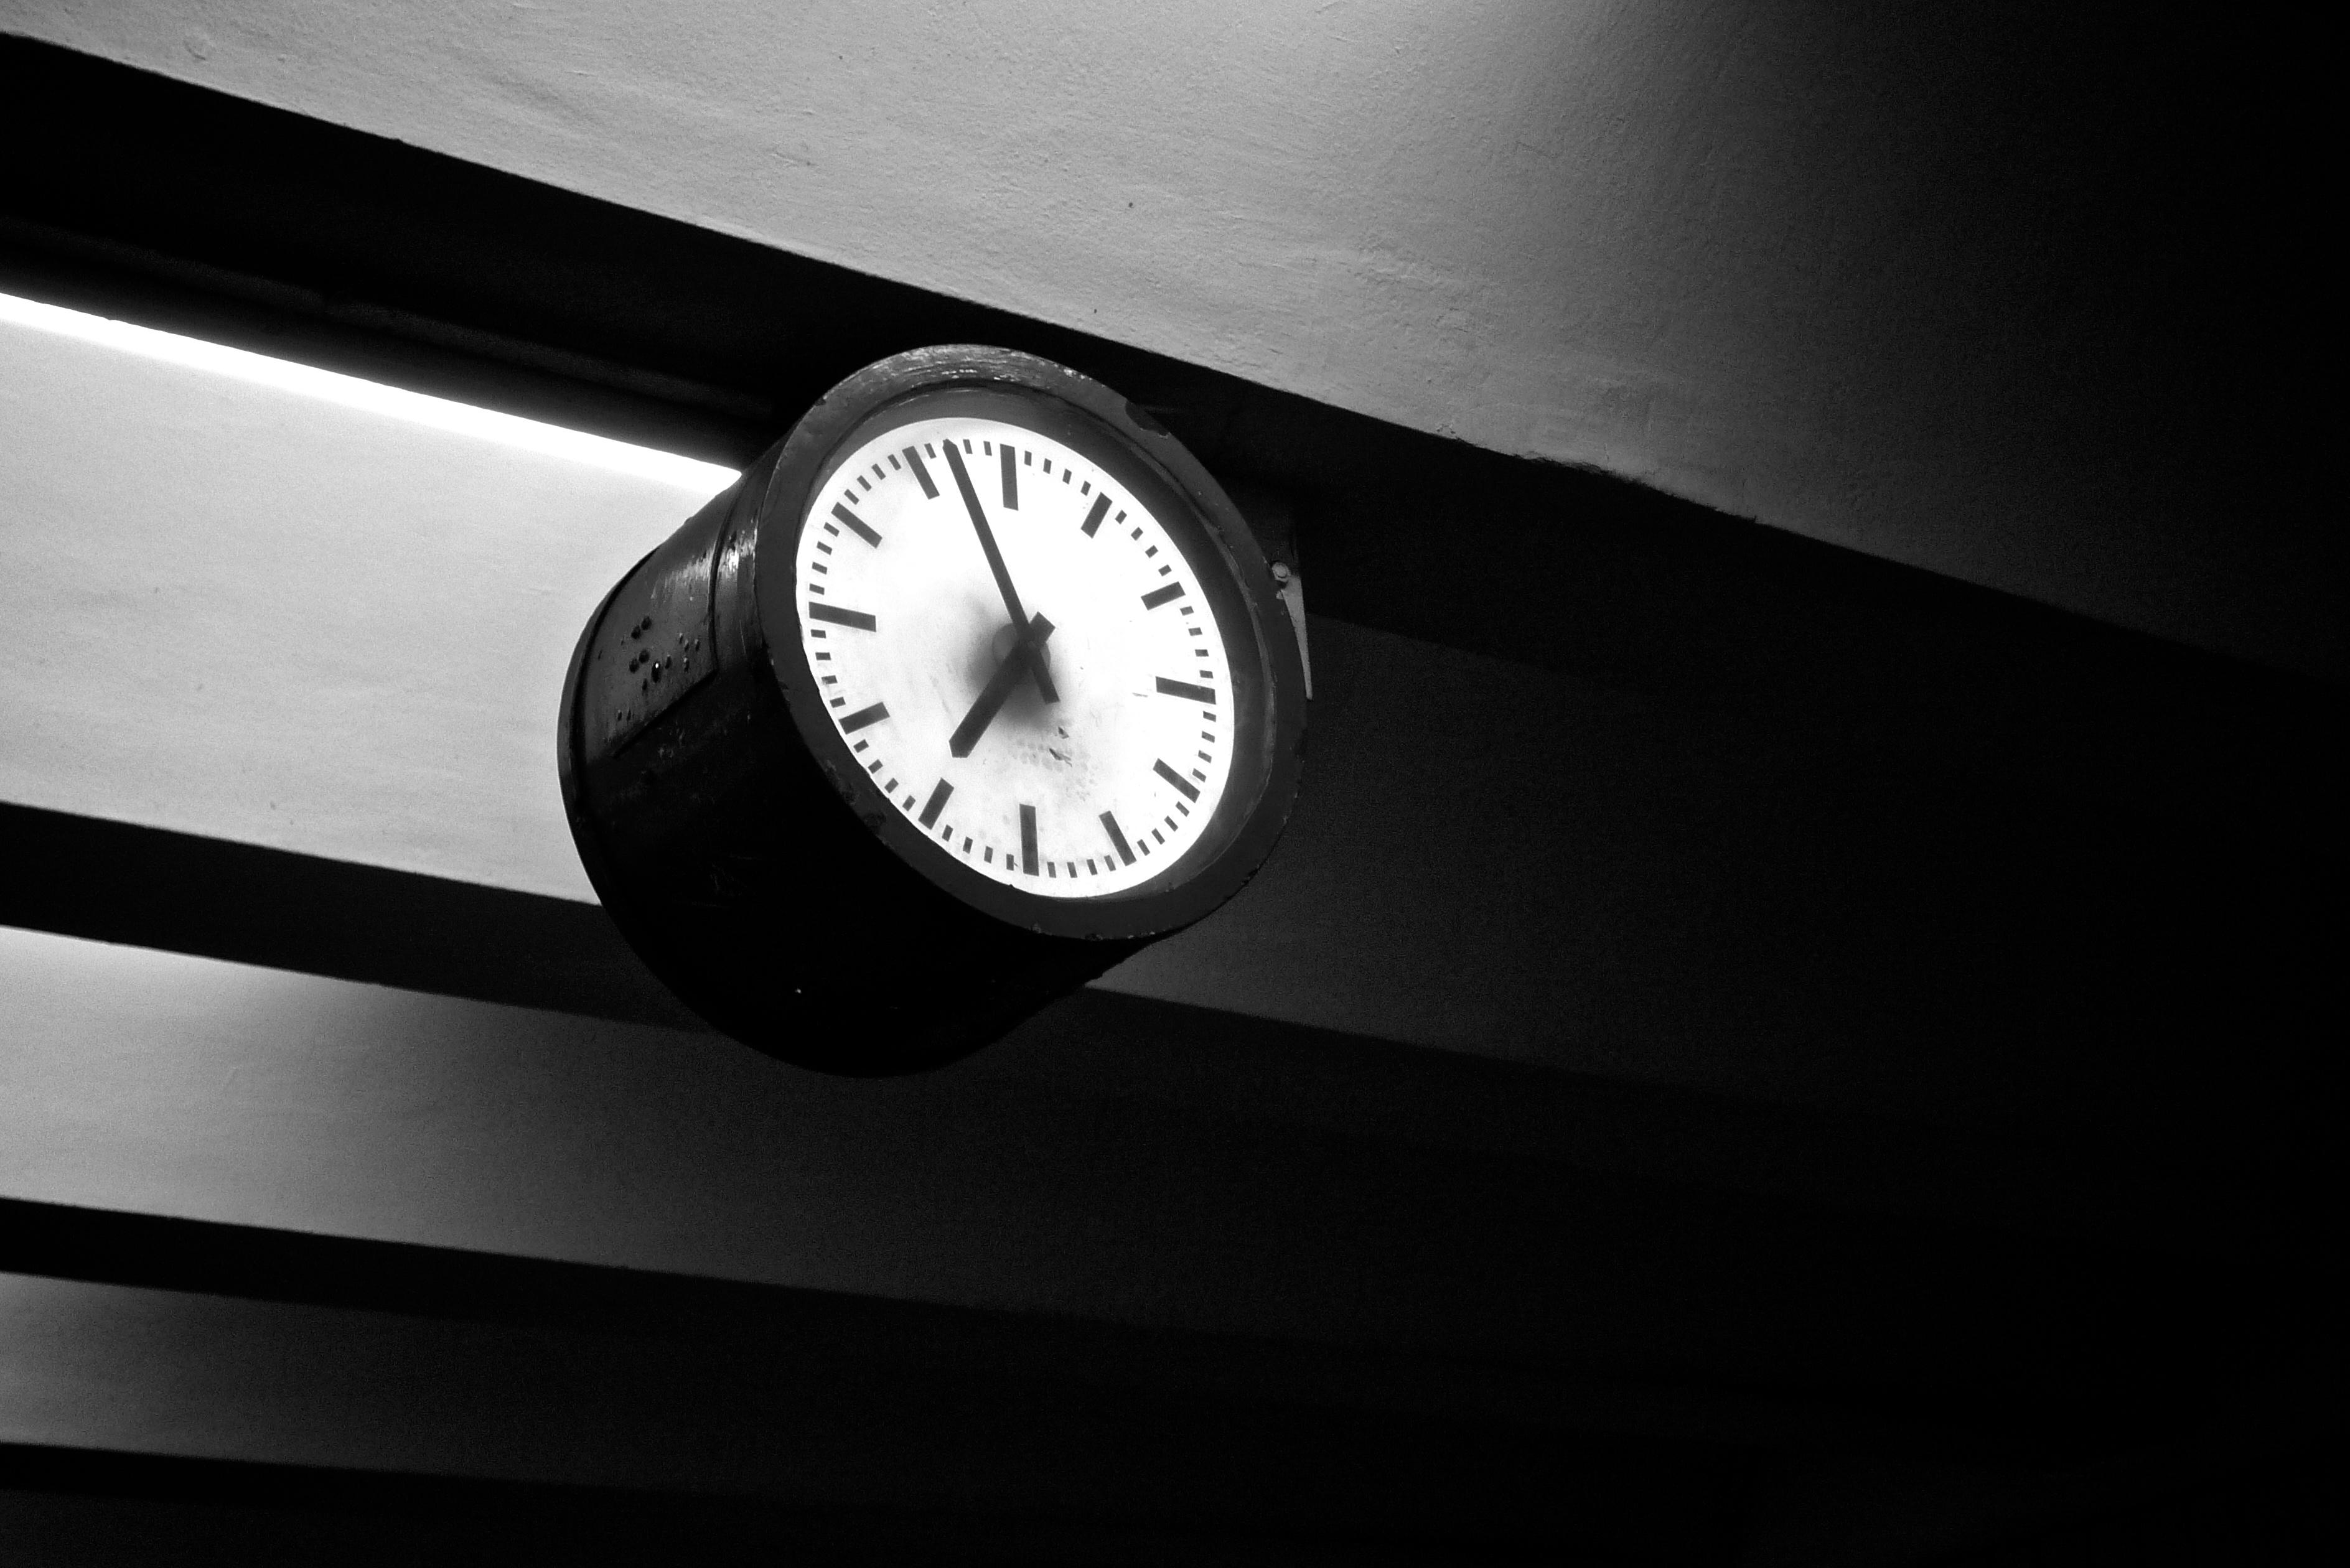 U Bahn clock